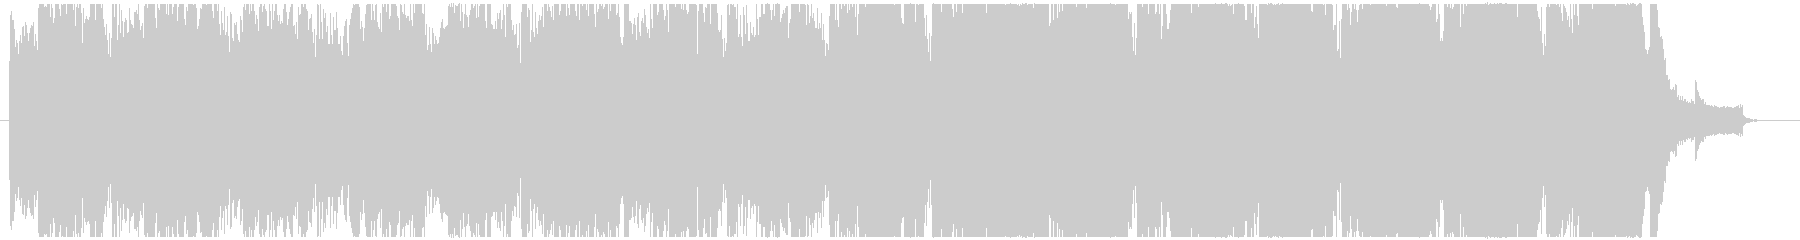 シンセ音のアルペジオが印象的なBGMの未再生の波形